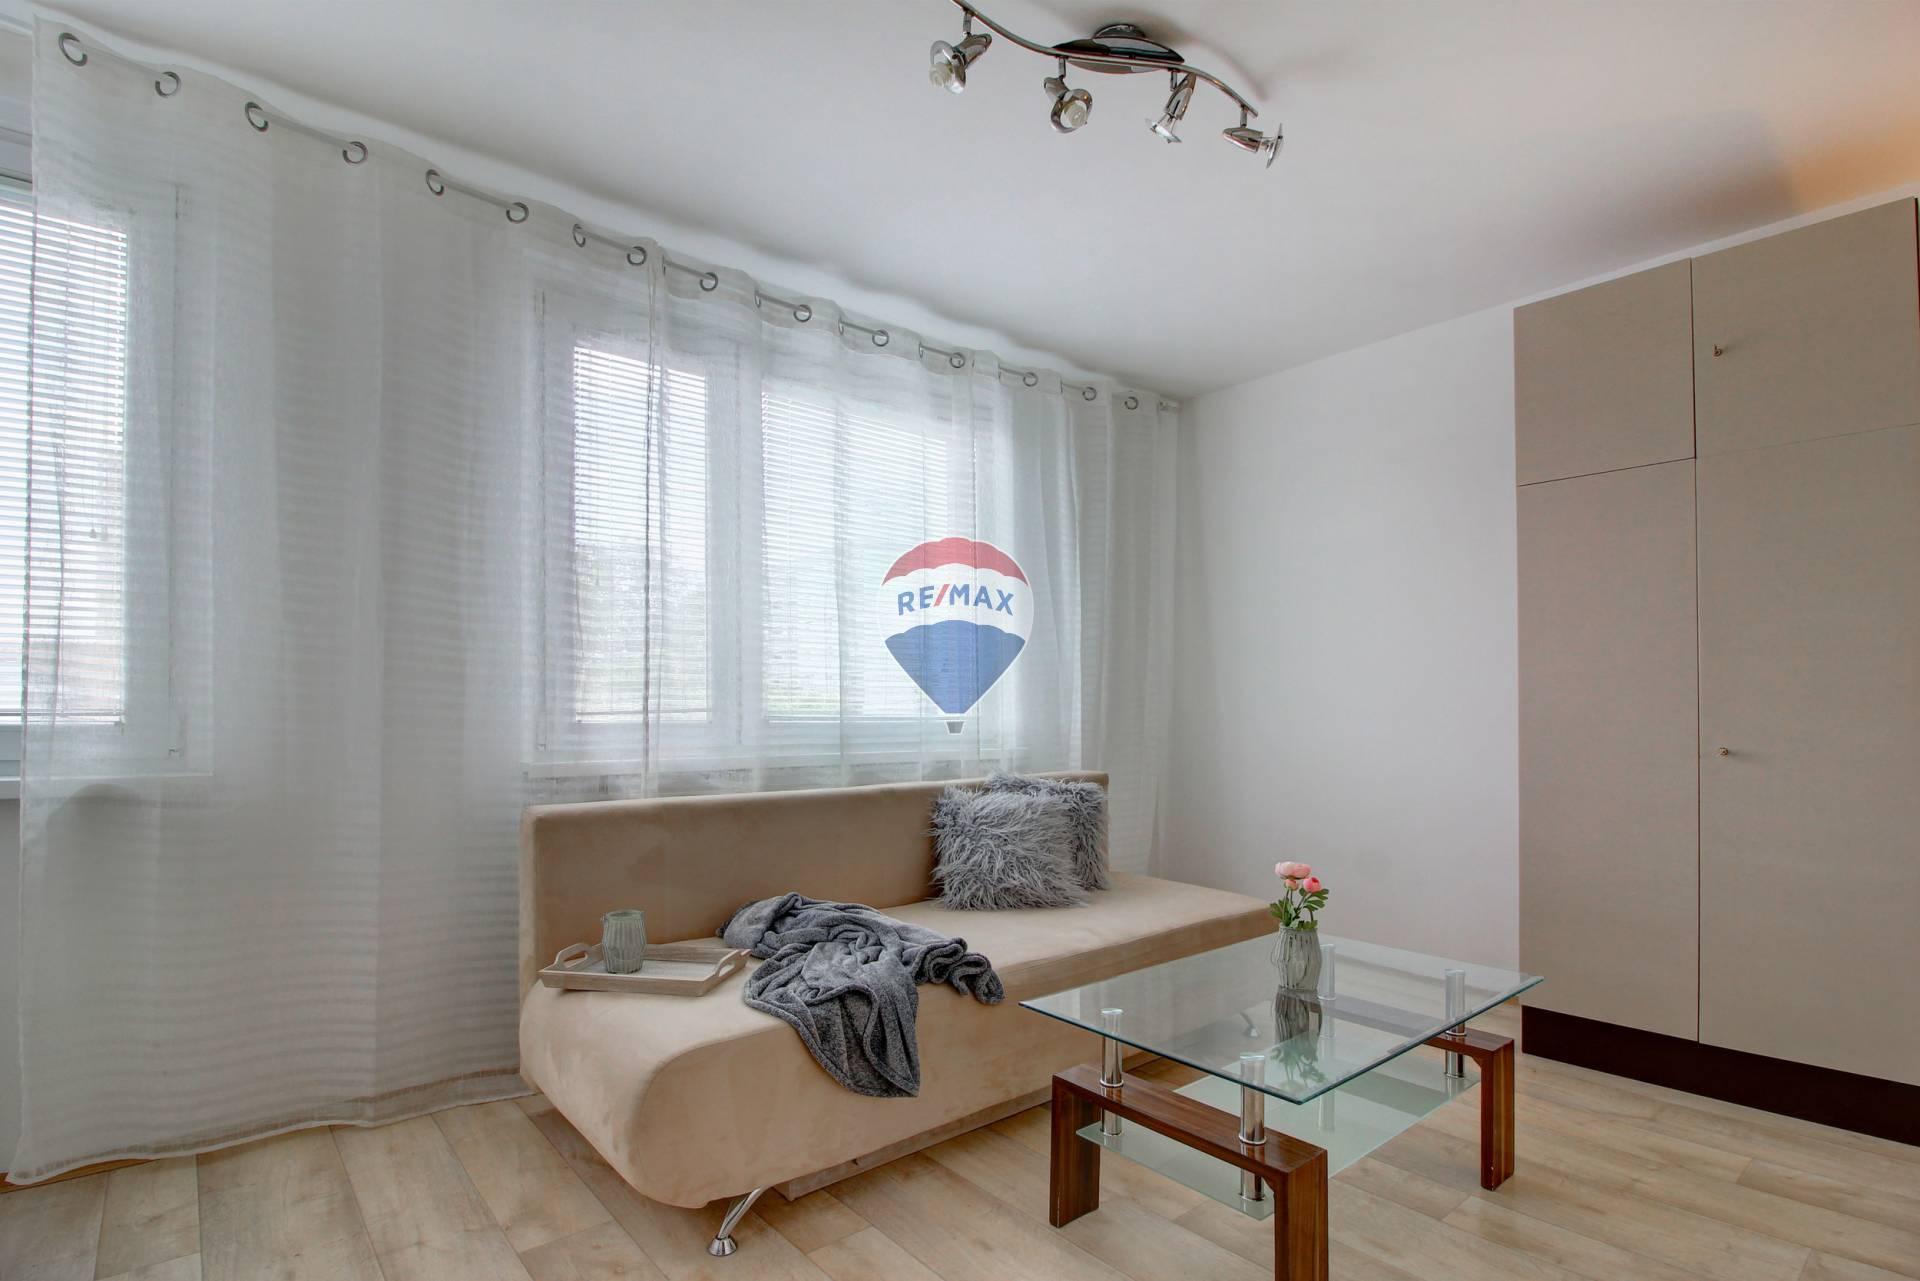 Predaj bytu (1izbový) 29,50m2, Šamorín